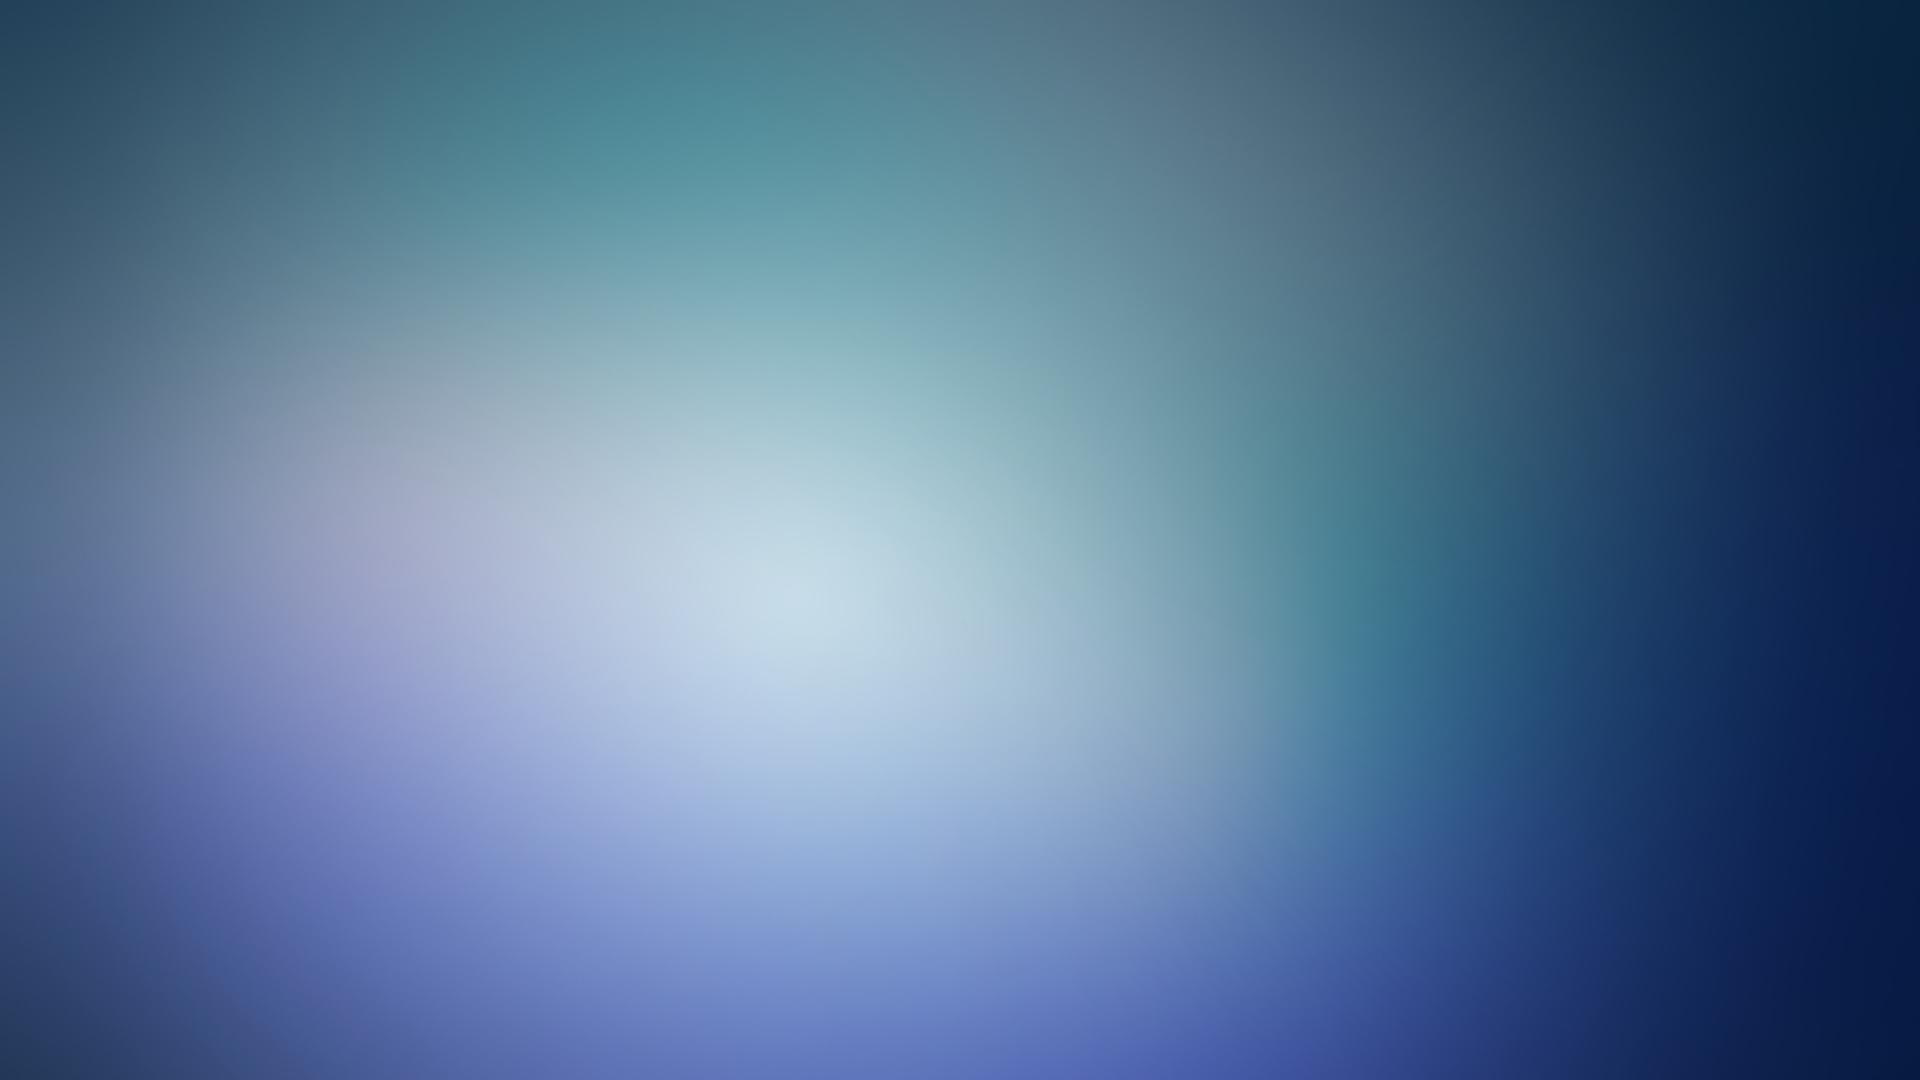 Blue minimalistic blurry gaussian blur (1920x1080)